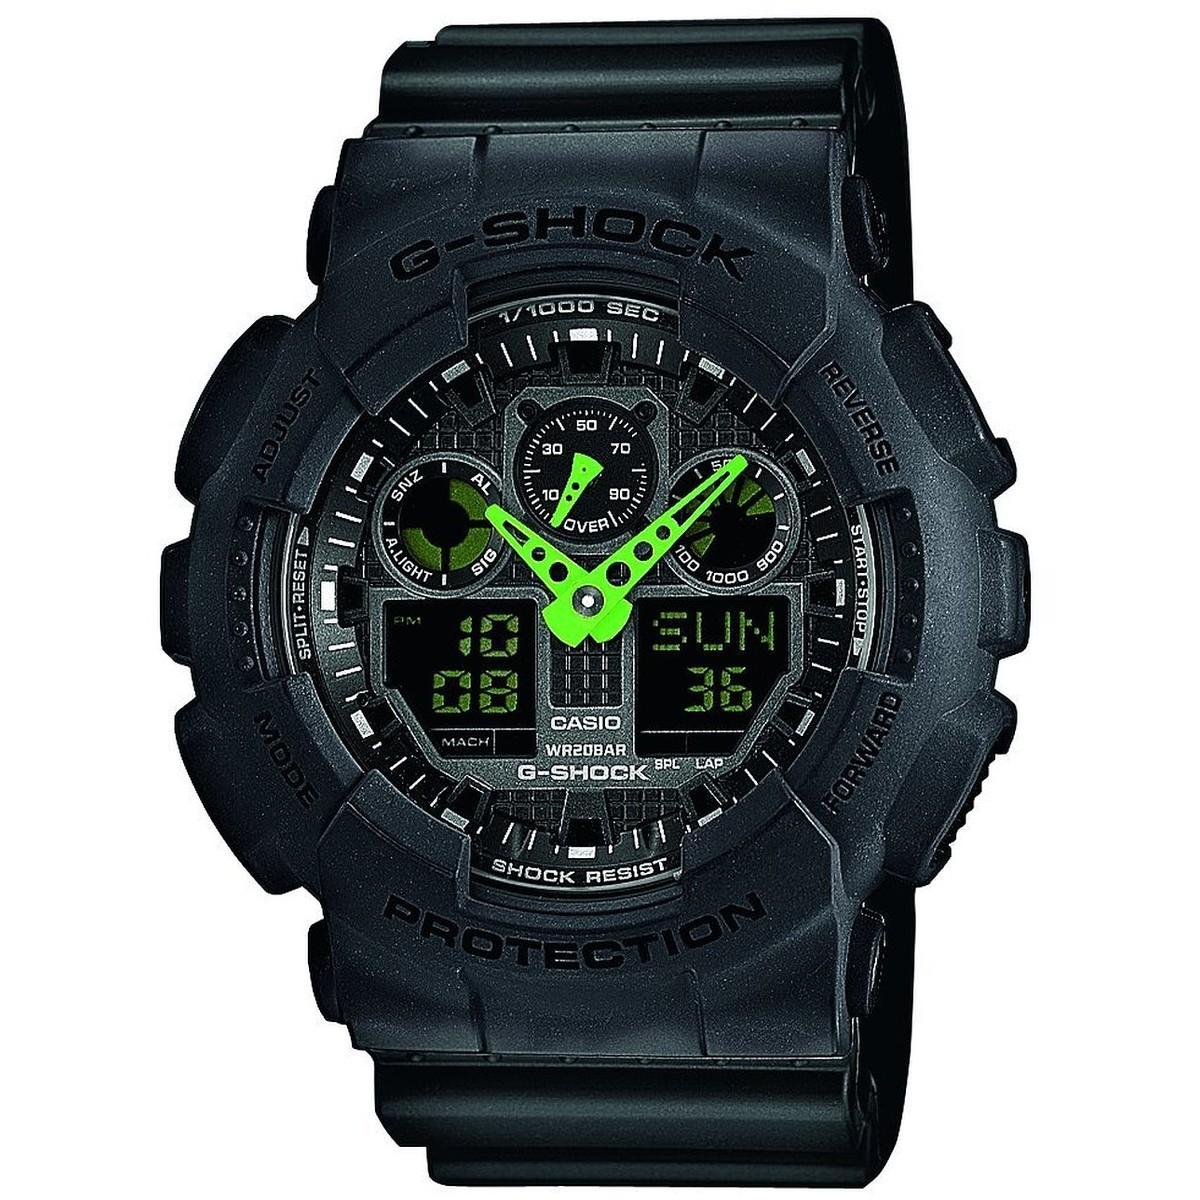 Ceas barbatesc Casio G-Shock GA-100C-1A3ER original de mana